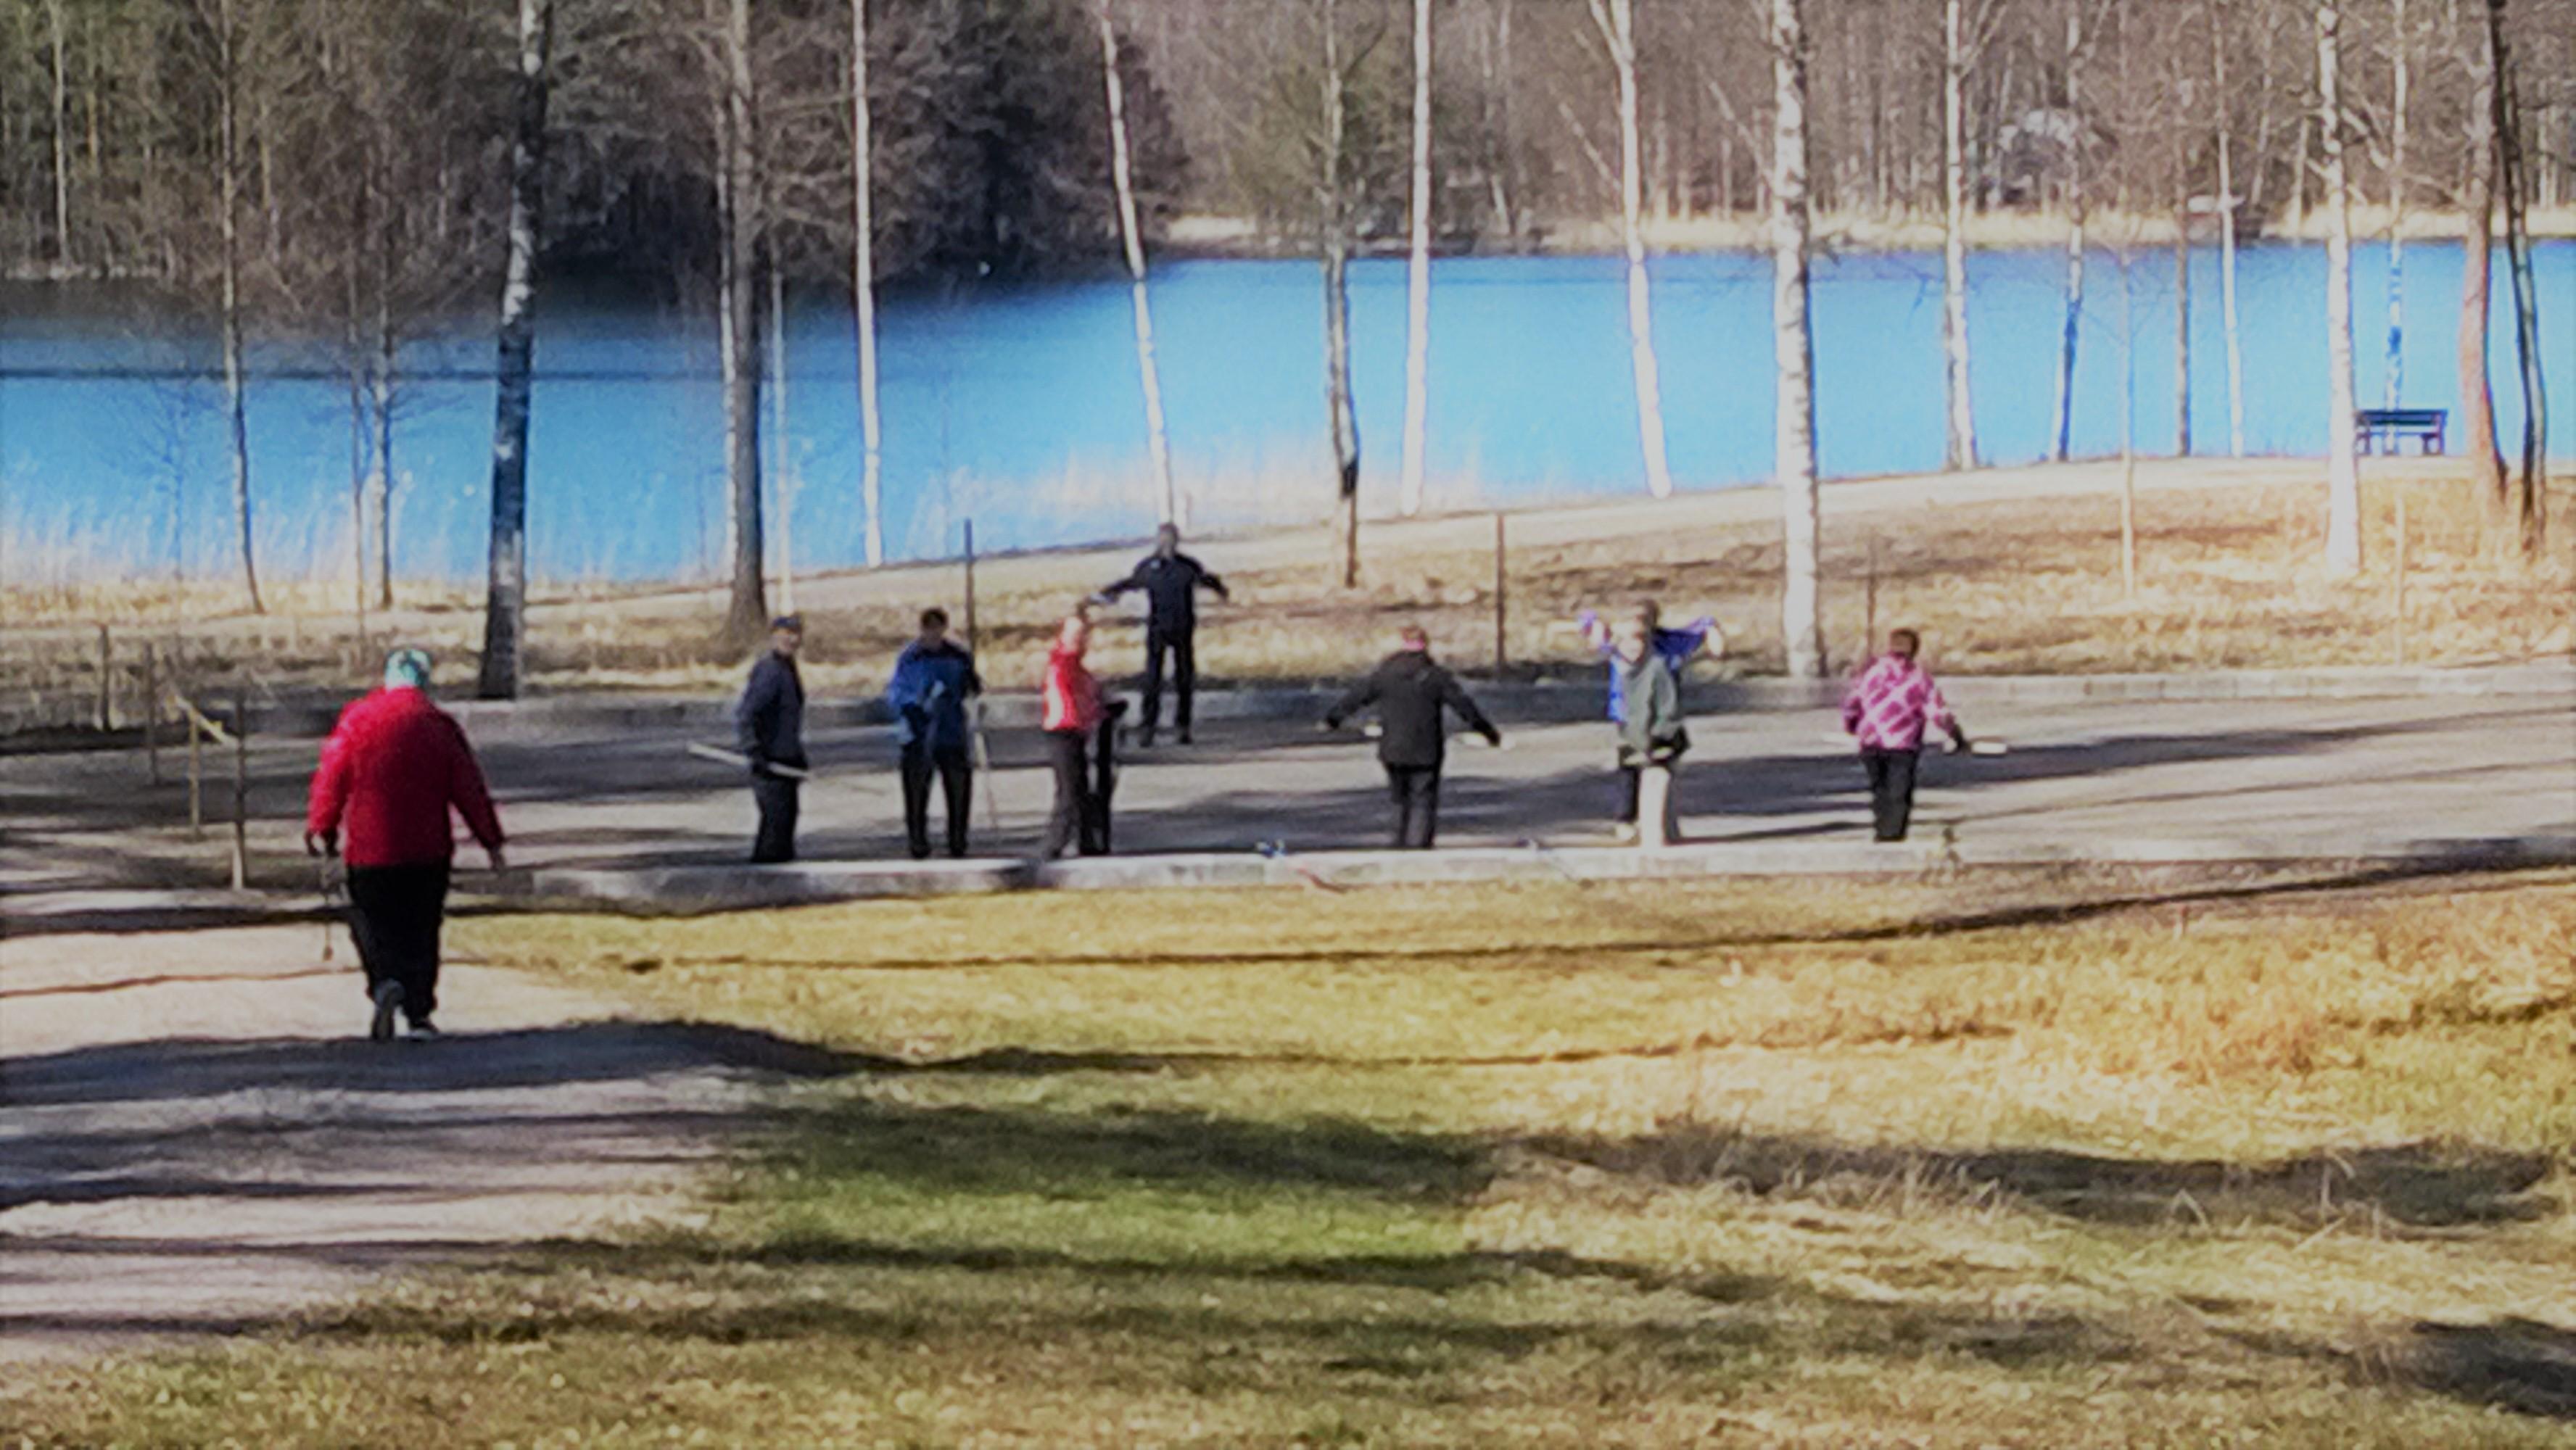 Ihmisiä järven rannassa keppijumpassa